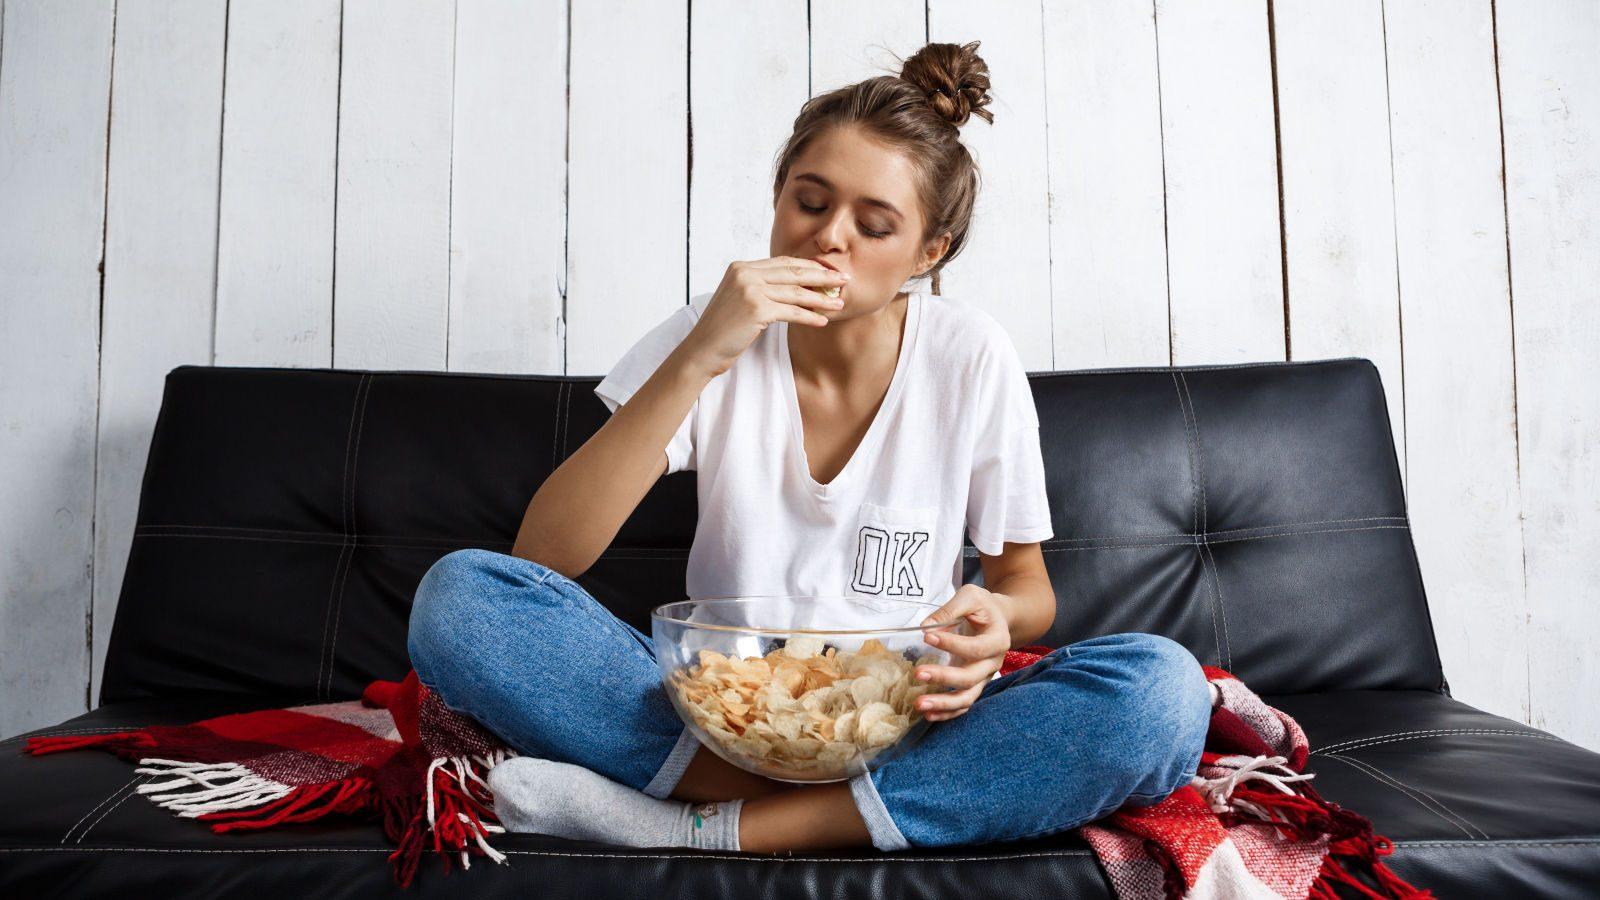 Rapporto col cibo Quando preoccuparsi?   Psicologo Sessuologo Rimini Riccione Cattolica Forli Cesena Dott.ssa Roberta Calvi